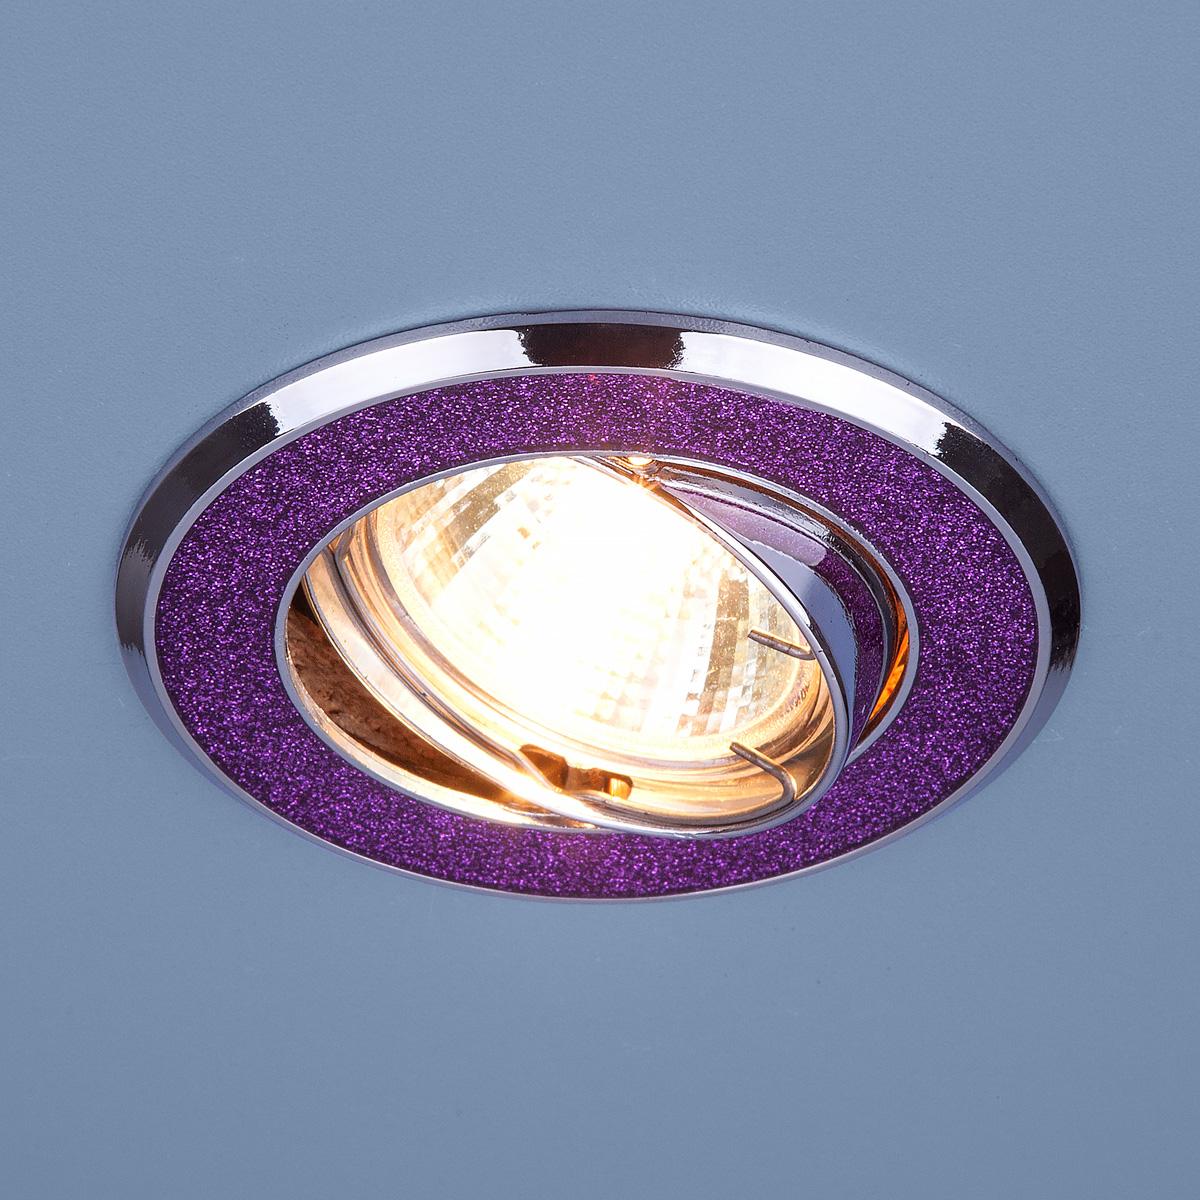 Светильник точечный 611 MR16 MUС малиновый блеск/хром